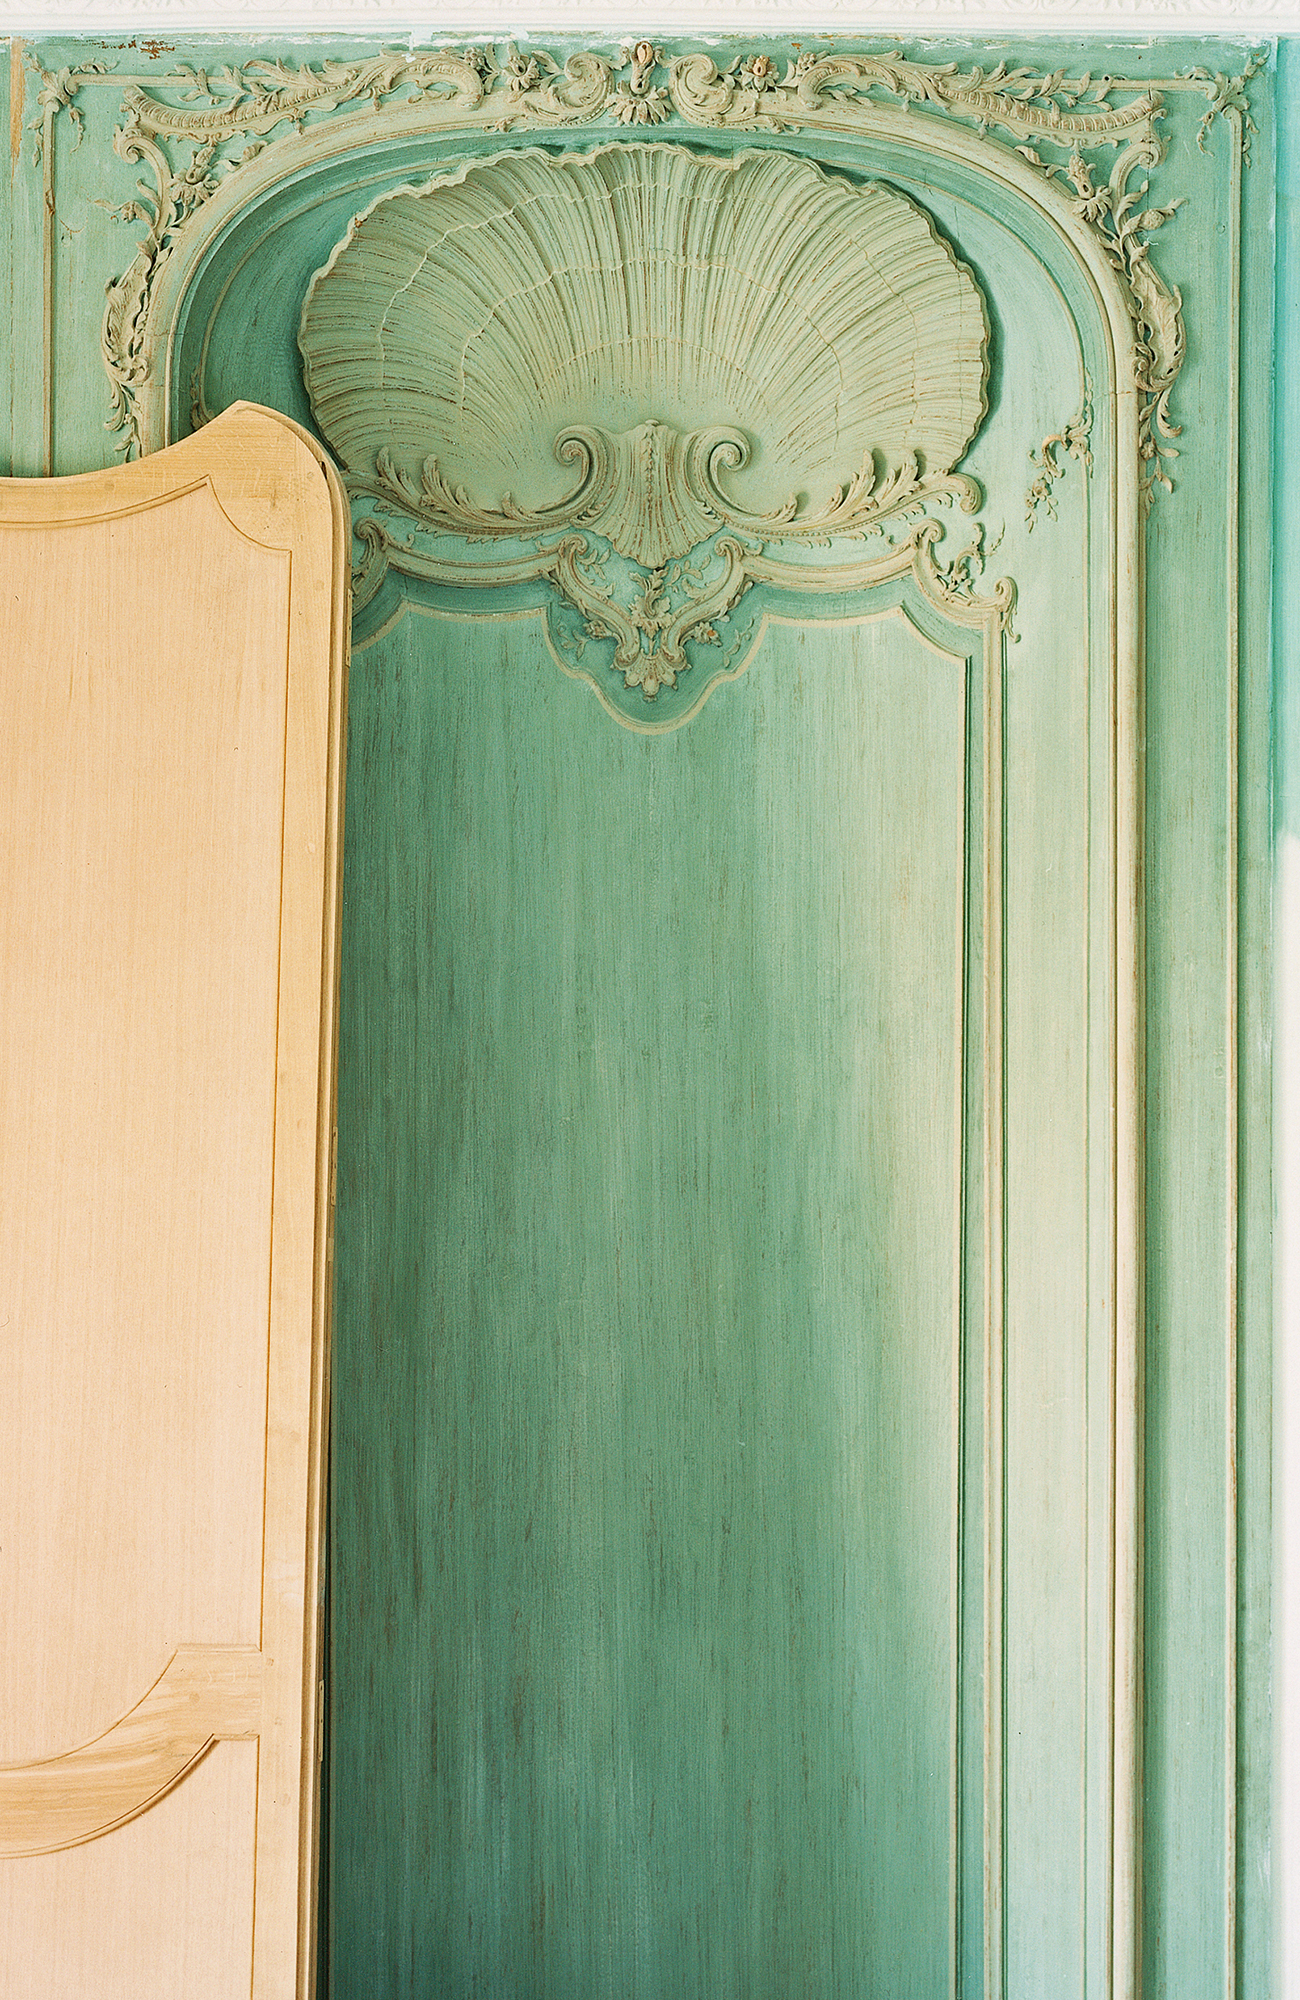 Ascenseur sur-mesure chêne sculpté, boiseries style néoclassique XVIIIe, inspiration Place Vendôme